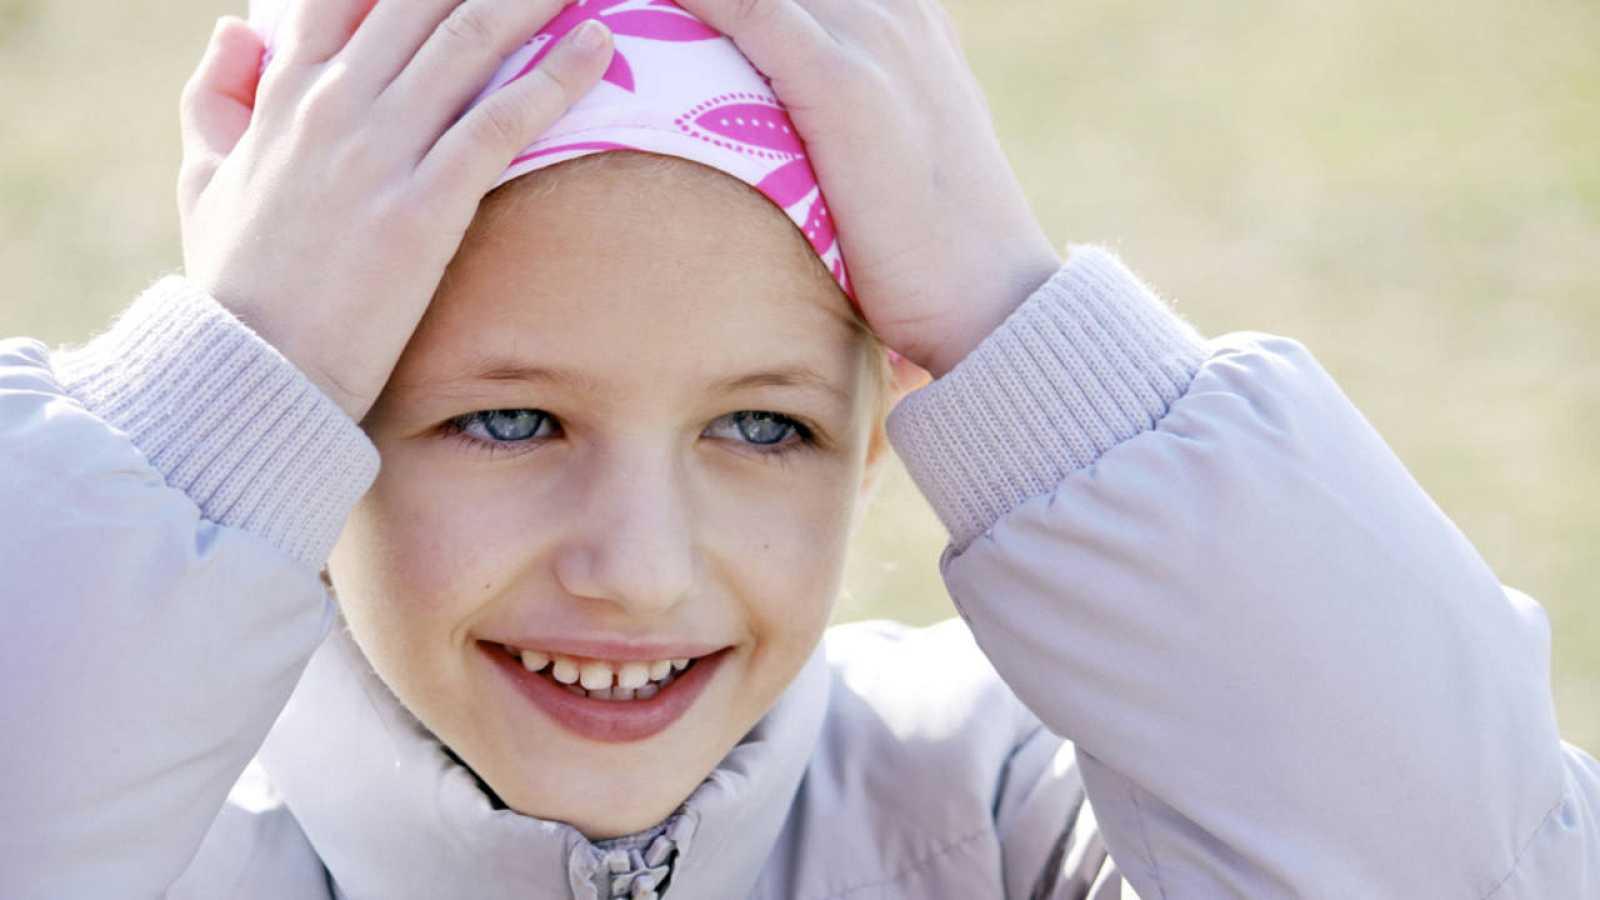 Las evidencias científicas demuestran que el ejercicio mejora la calidad de vida de los niños con cáncer.